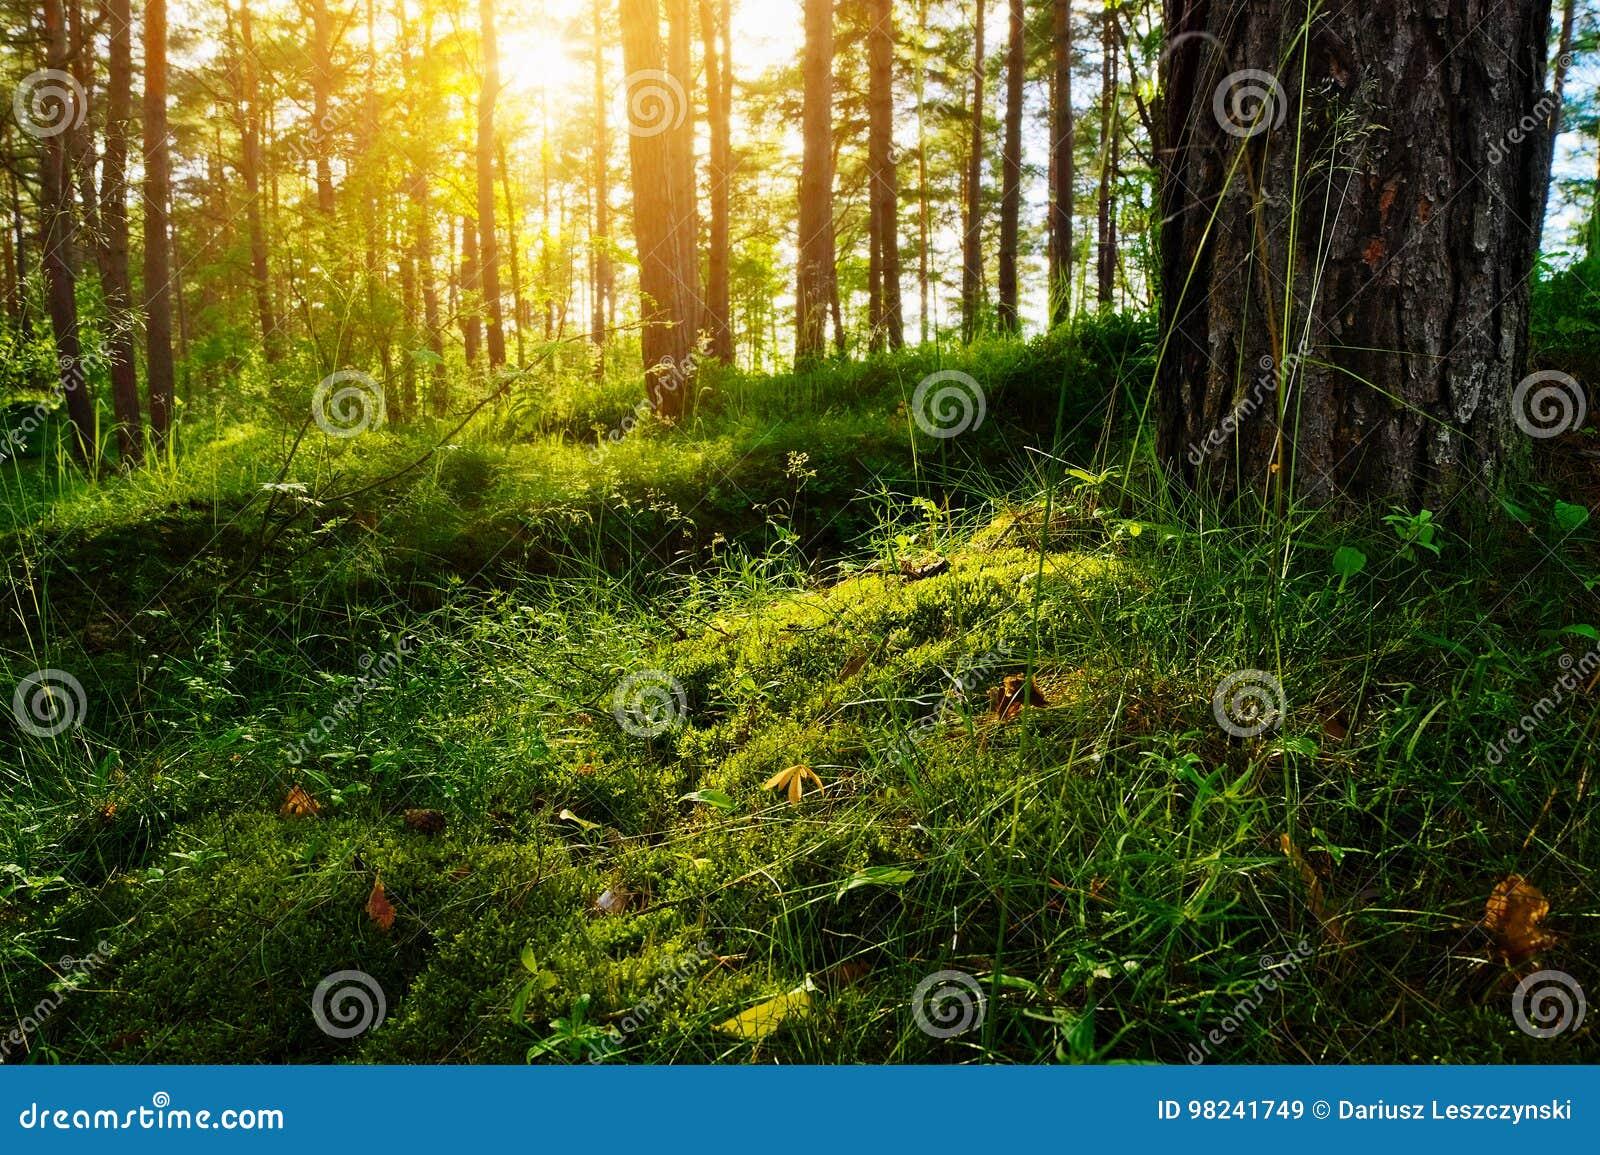 夏天森林下木植被 草、灌木和太阳由后照的青苔生长在松林的understory或草丛